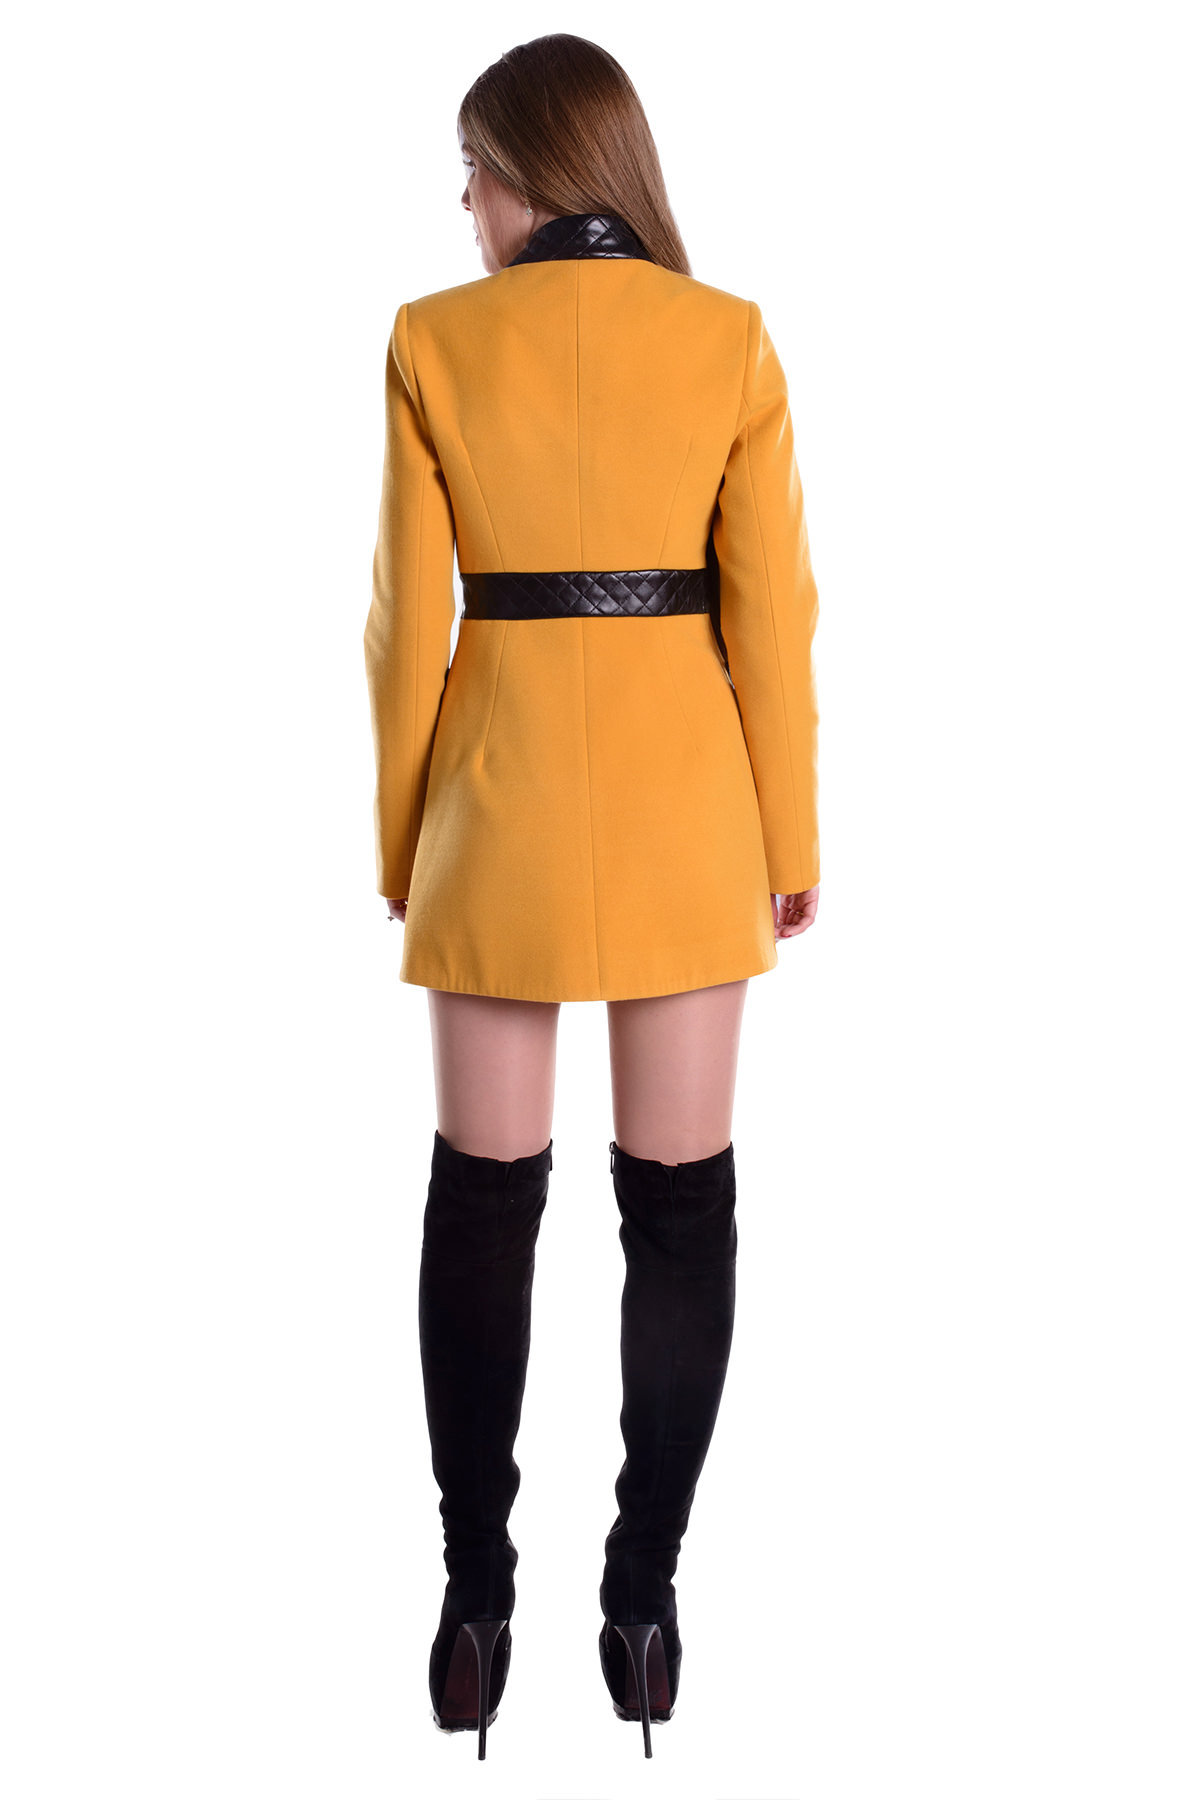 Пальто Фрея 4896 Цвет: Горчица H 25